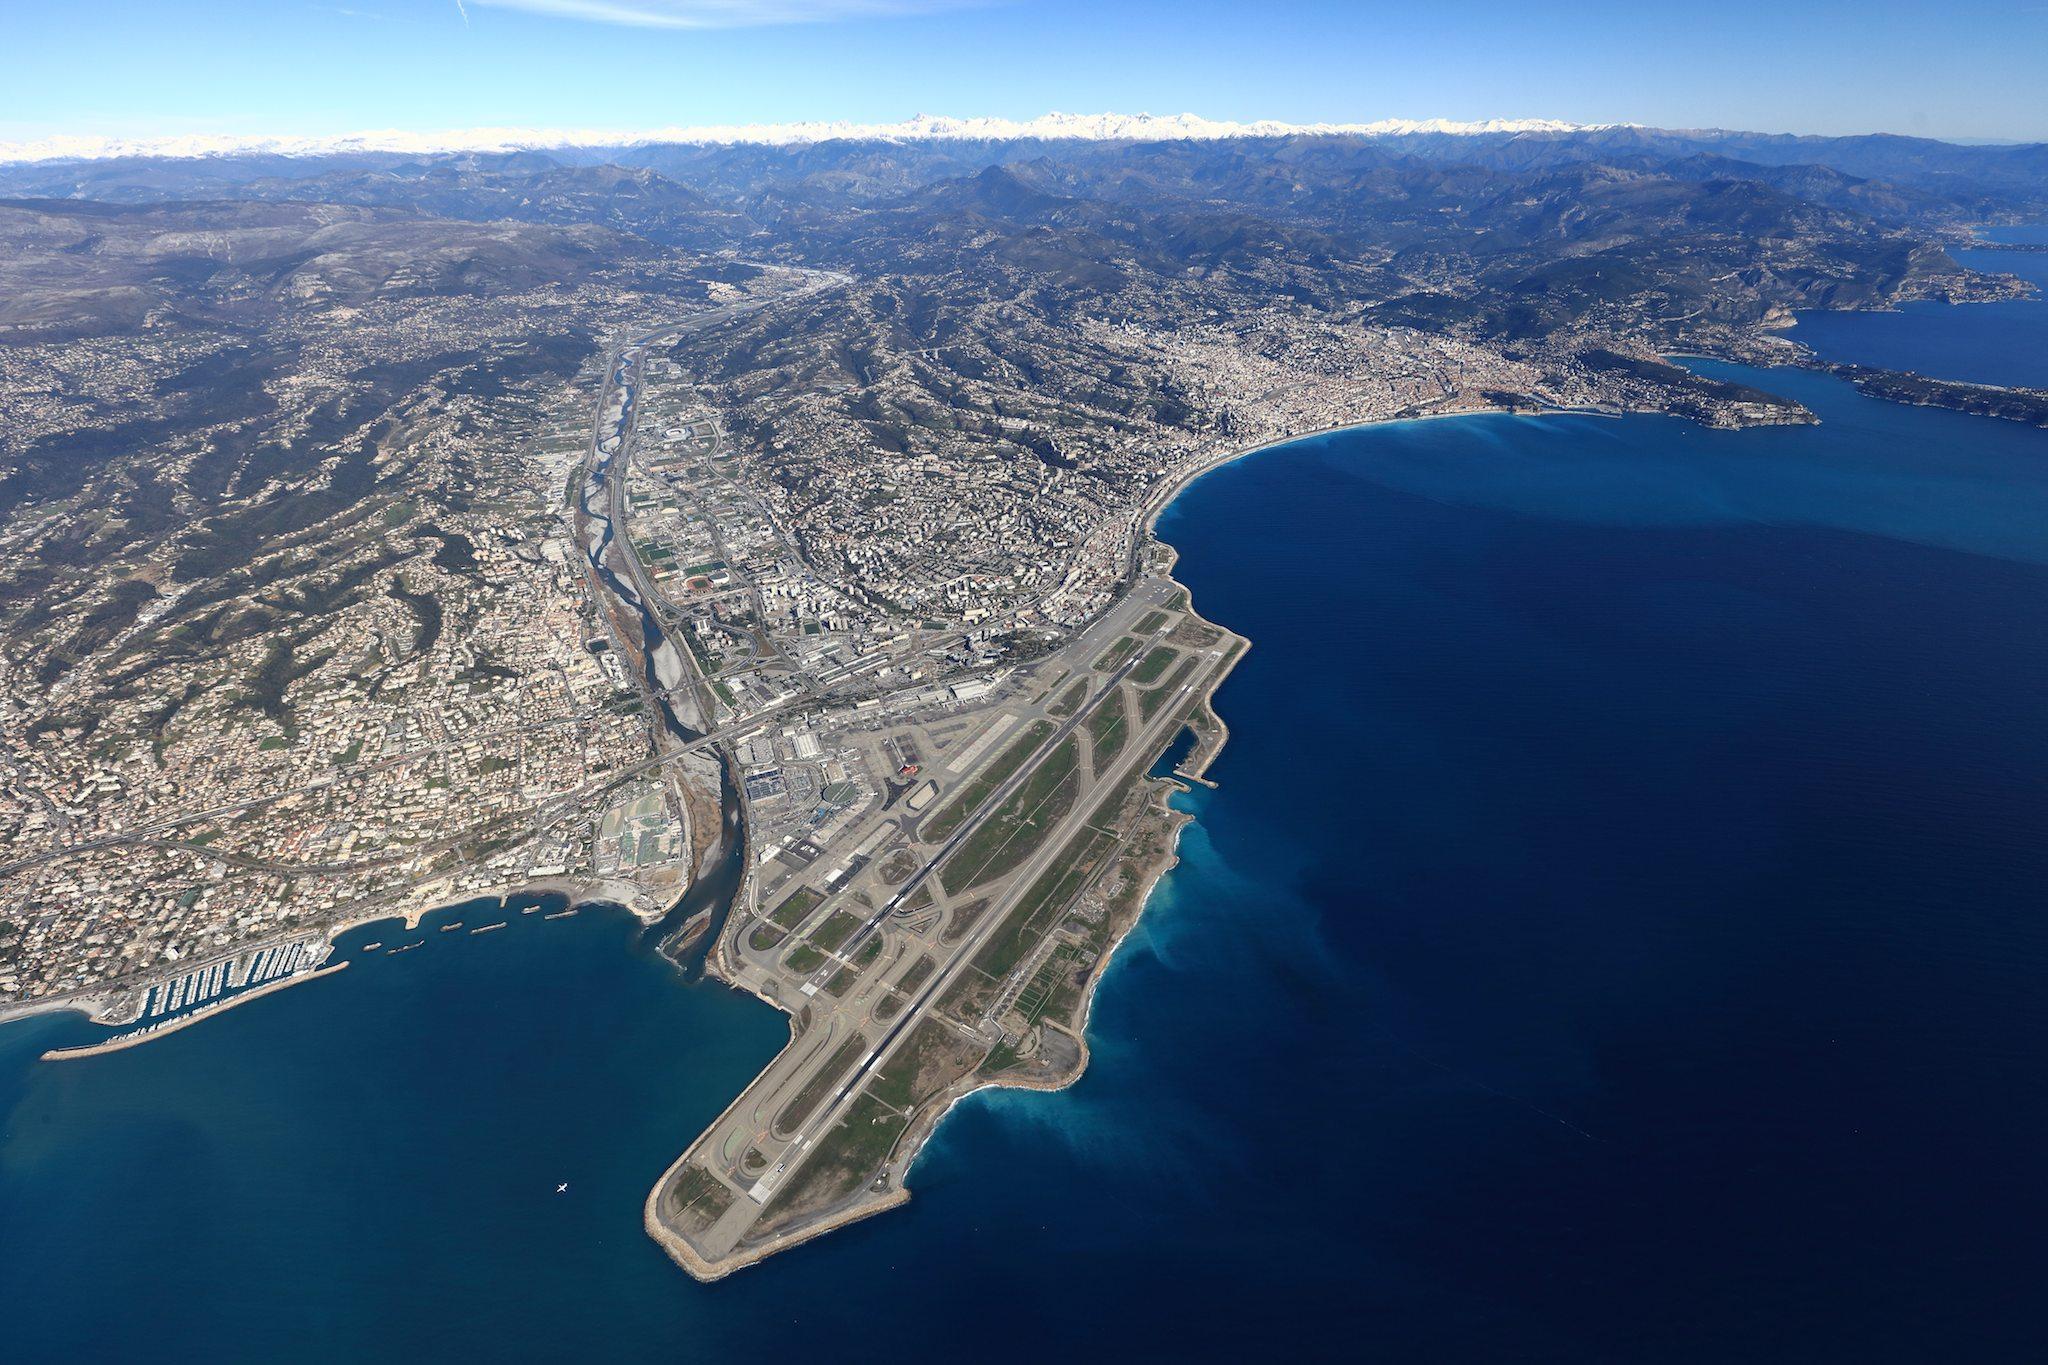 Vue aérienne de l'aéroport Nice Côte d'Azur